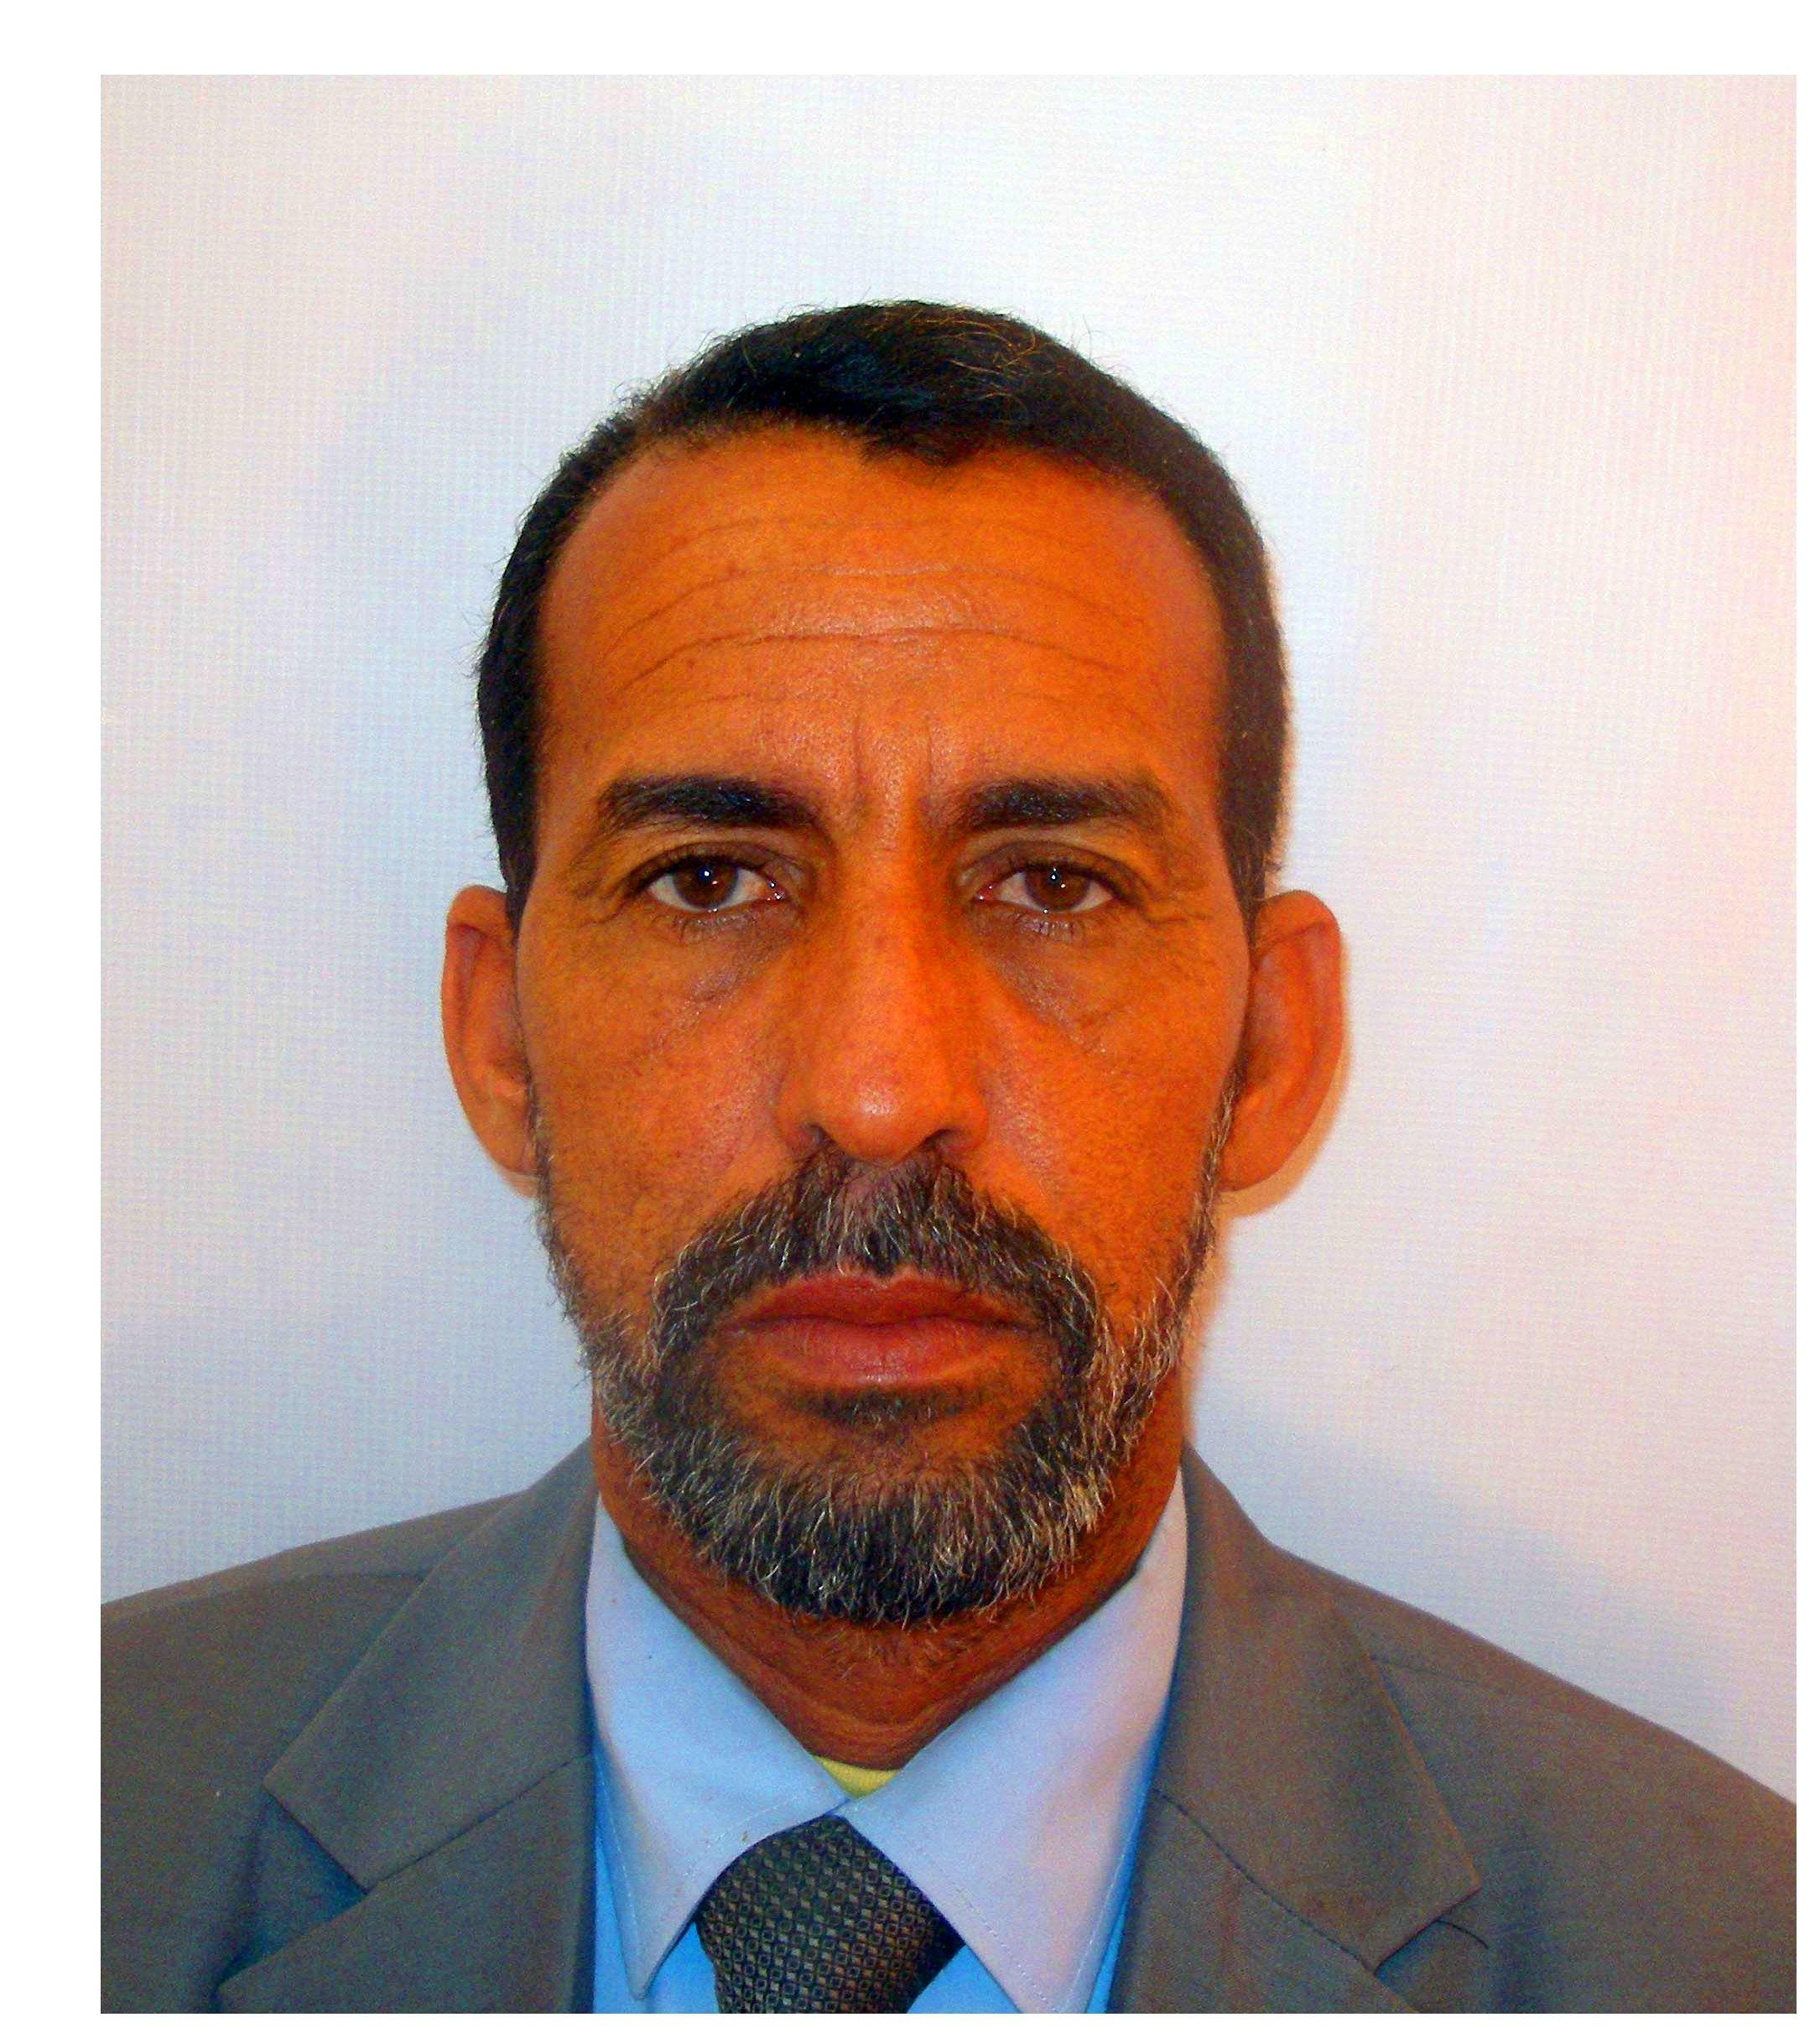 محمد الهادي ولد الزين ولد الإمام - رئيس مصلحة بالمجلس الأعلى للفتوى والمظالم